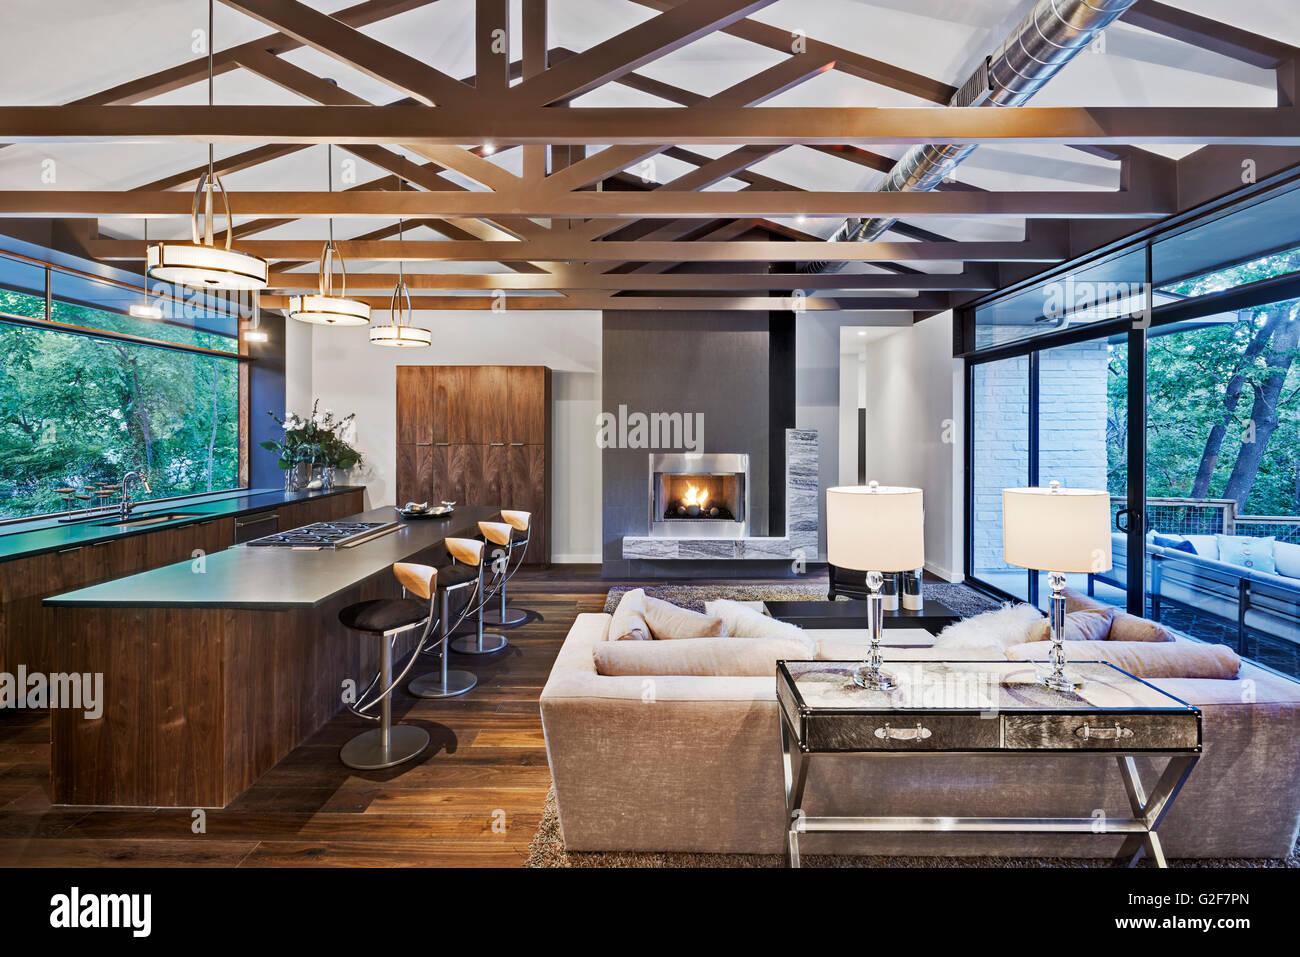 Offener Grundriss Des Modernen Haus Mit Kuche Und Wohnzimmer